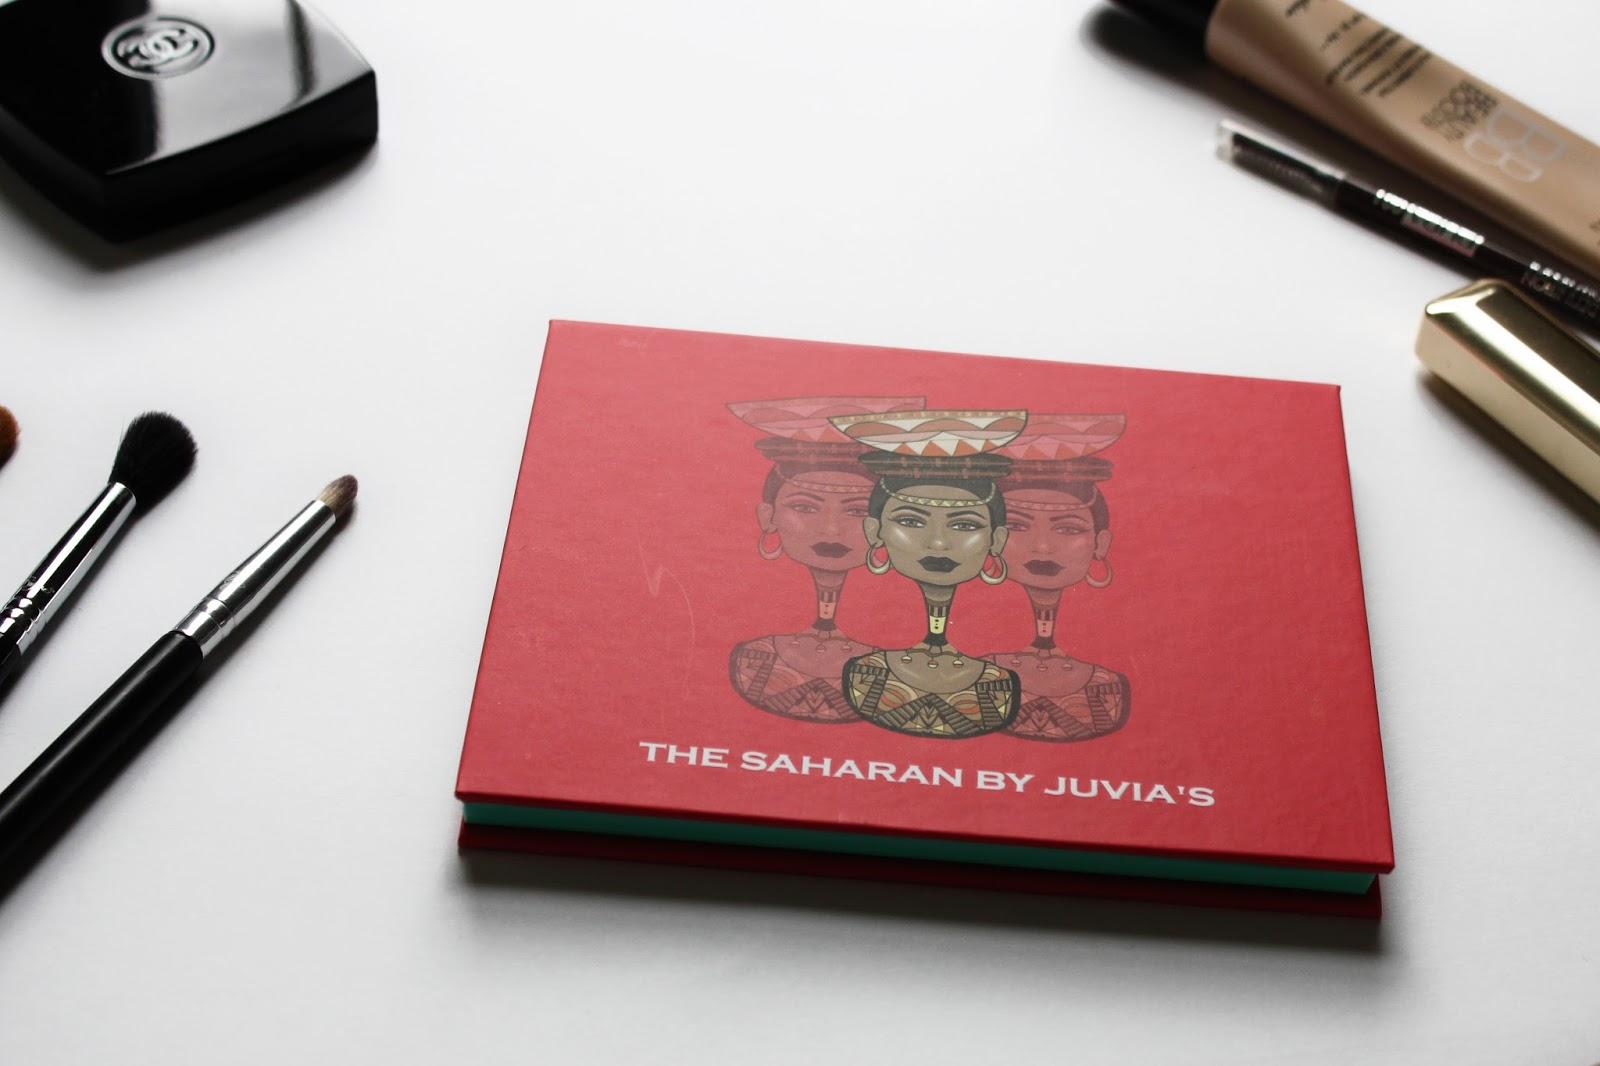 Juvia's Place - The Saharan - Palette maquillage fards à paupière - swatchs - avis @DEUXAIMES